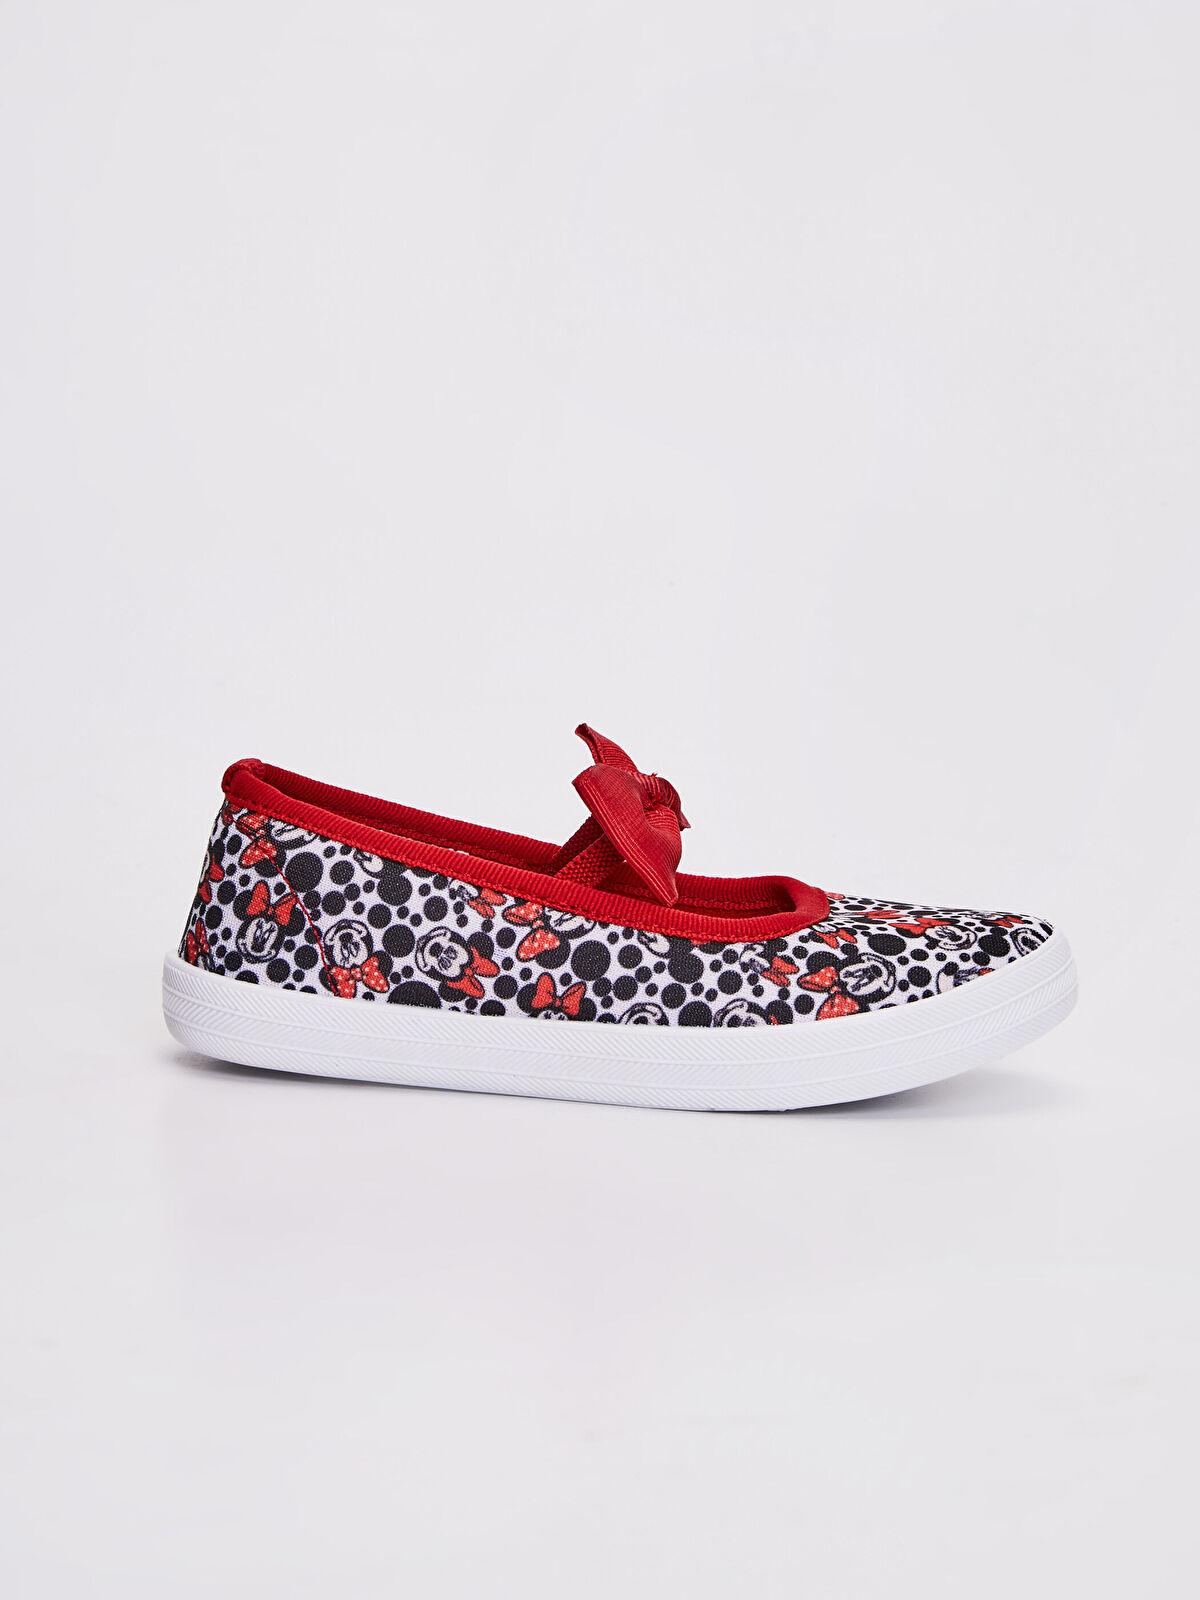 Kız Çocuk Minnie Mouse Baskılı Babet Ayakkabı - LC WAIKIKI